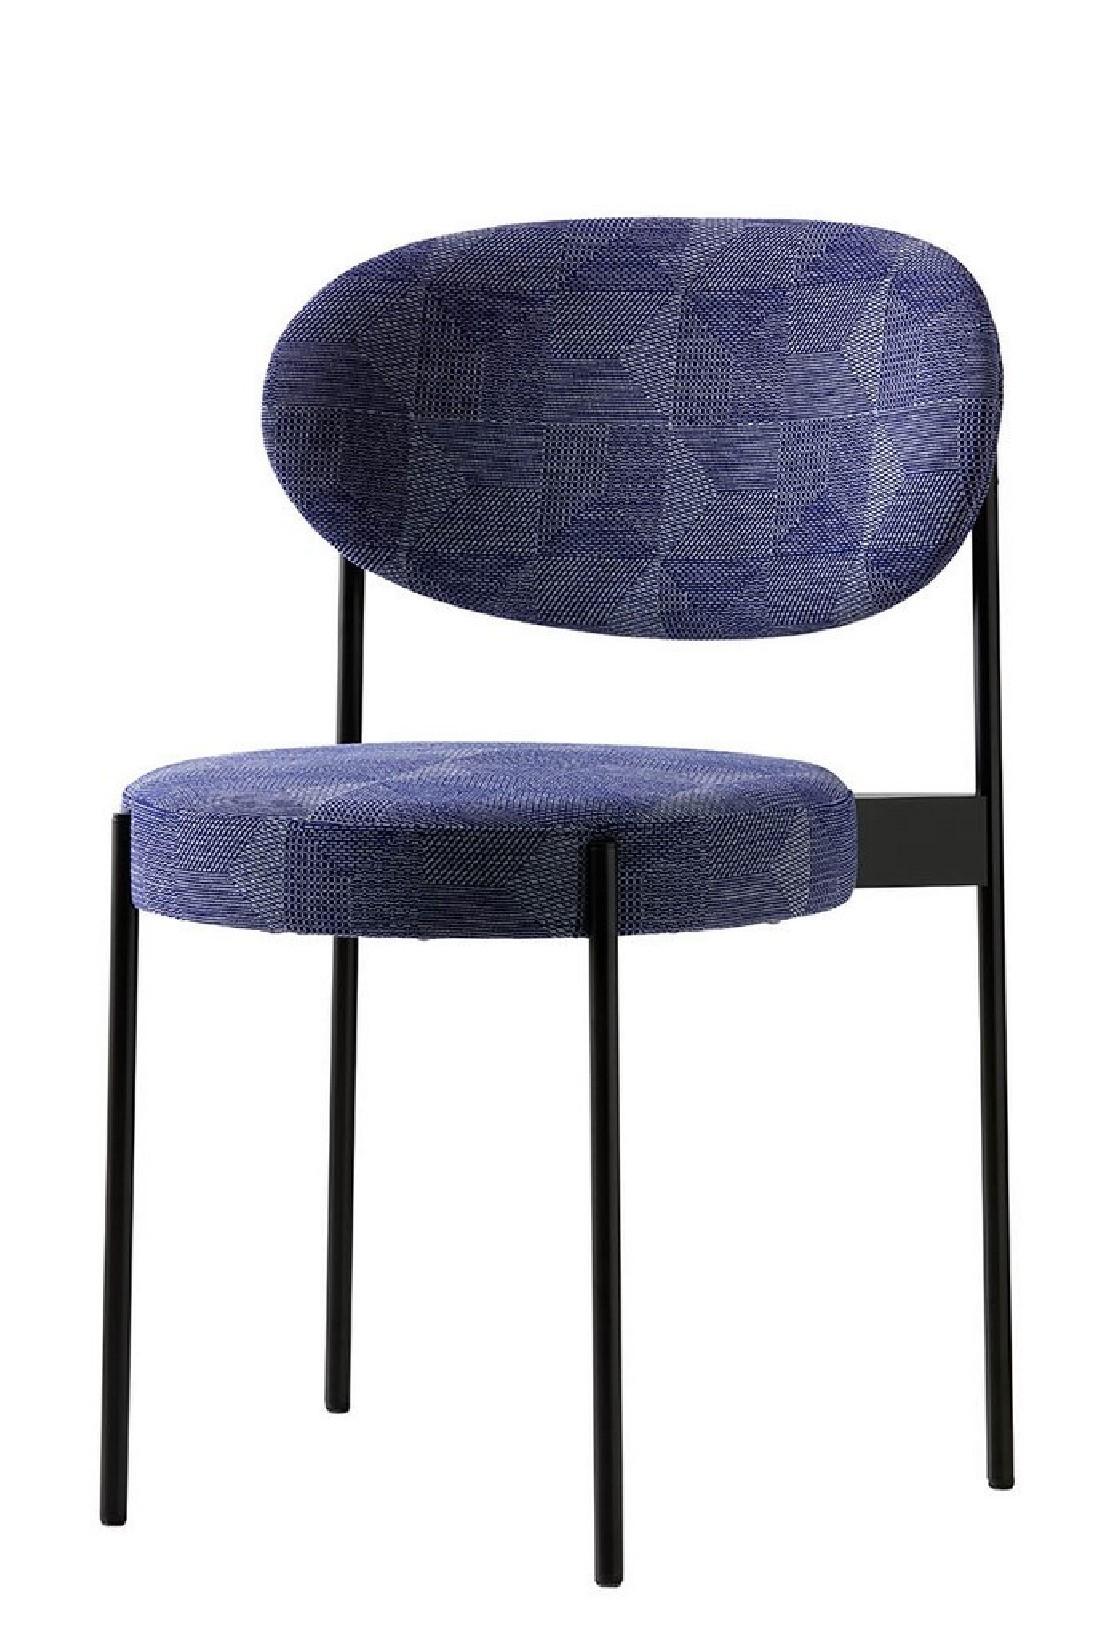 Table ronde noire chaises verpan serie 430 lampe fun 11dm for Ensemble table ronde et chaise